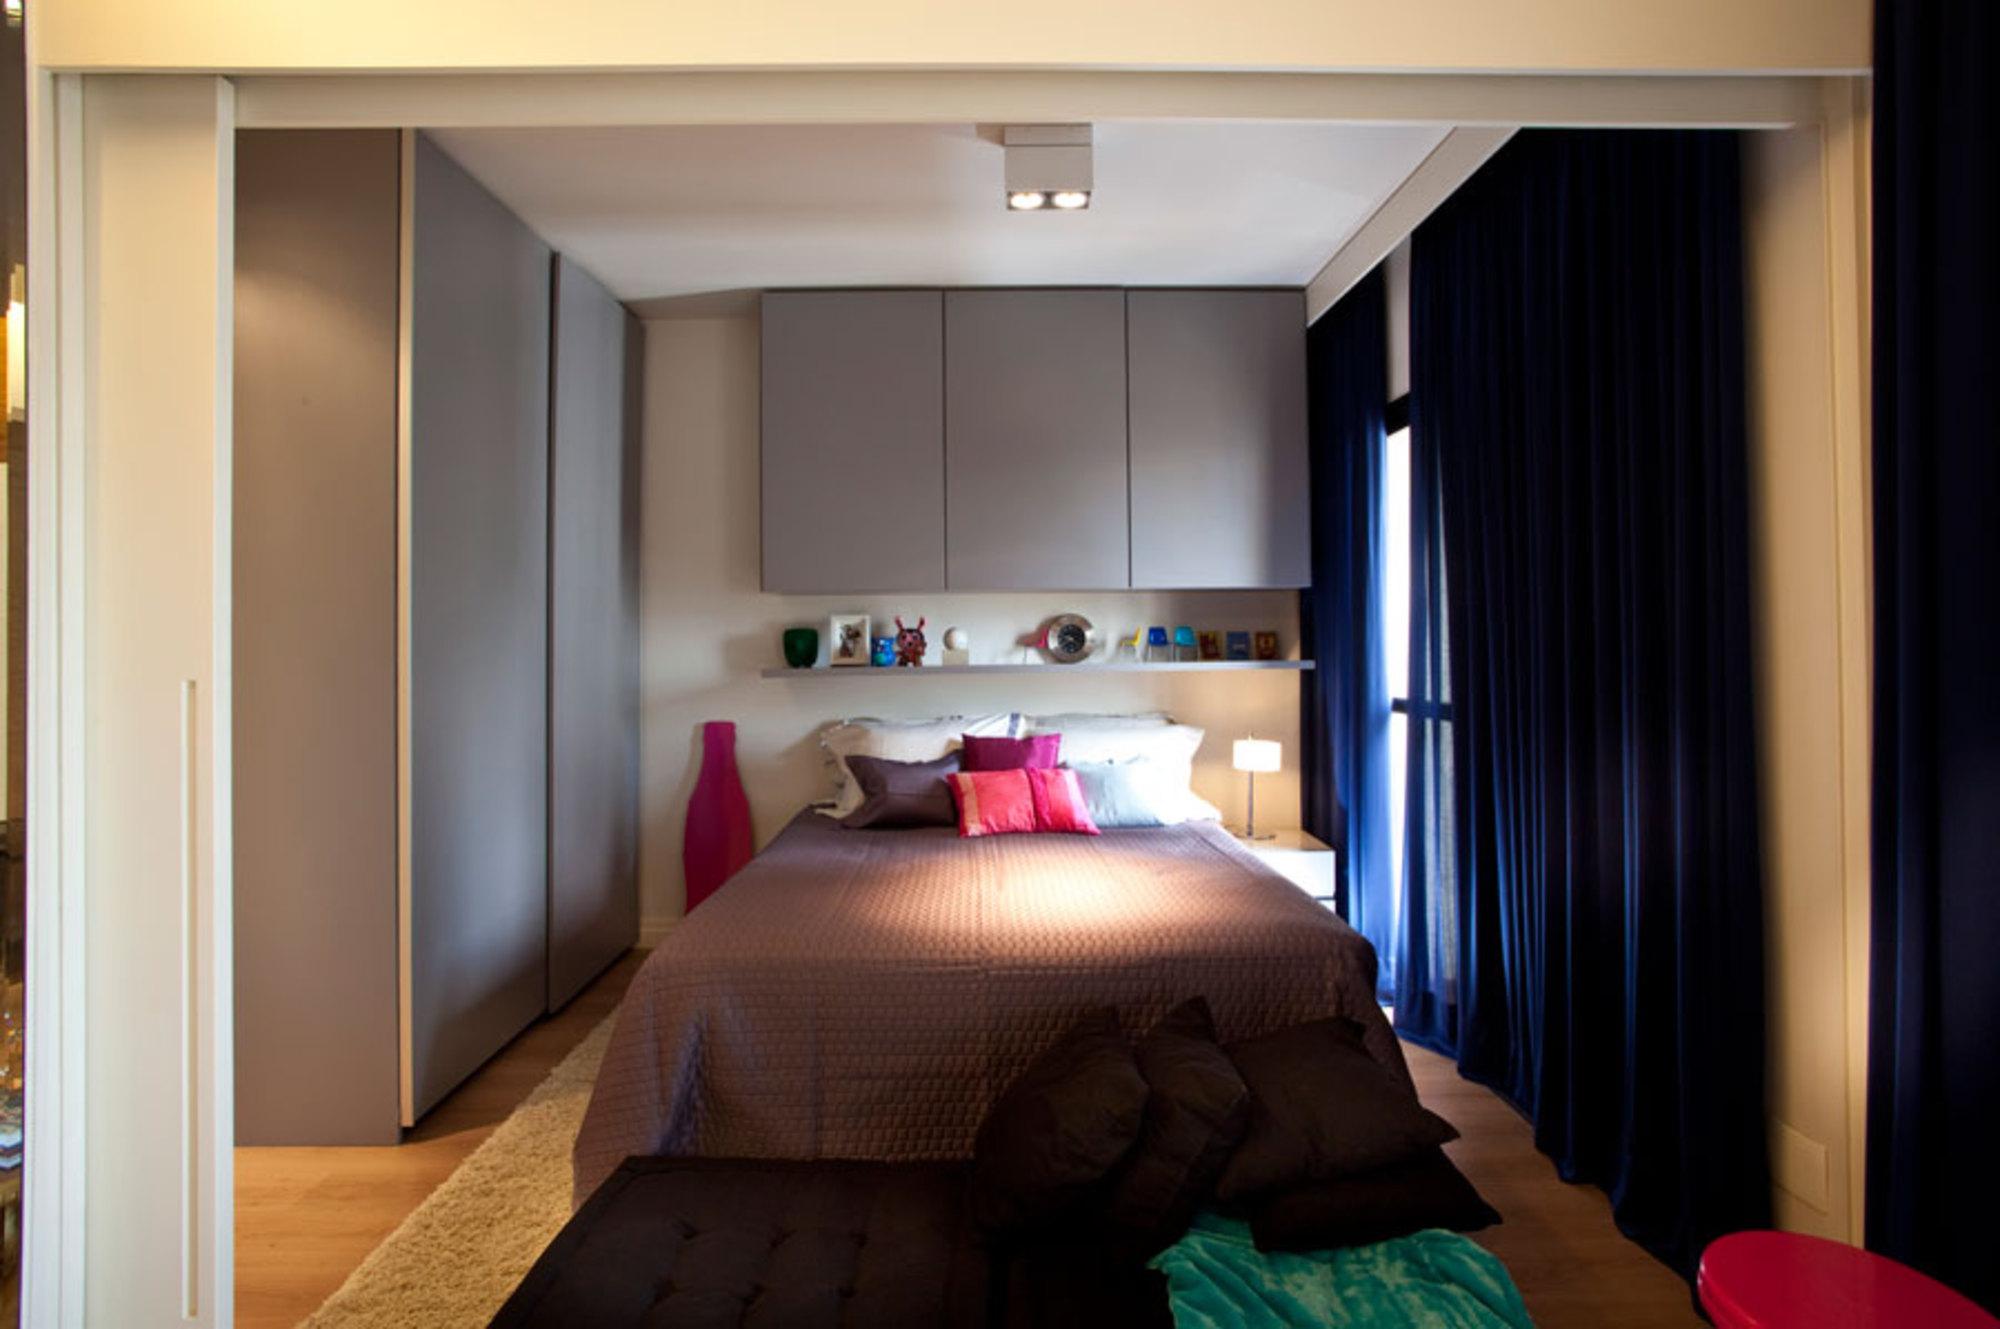 Дизайн двухкомнатной квартиры на 45 квадратных метров (фото).